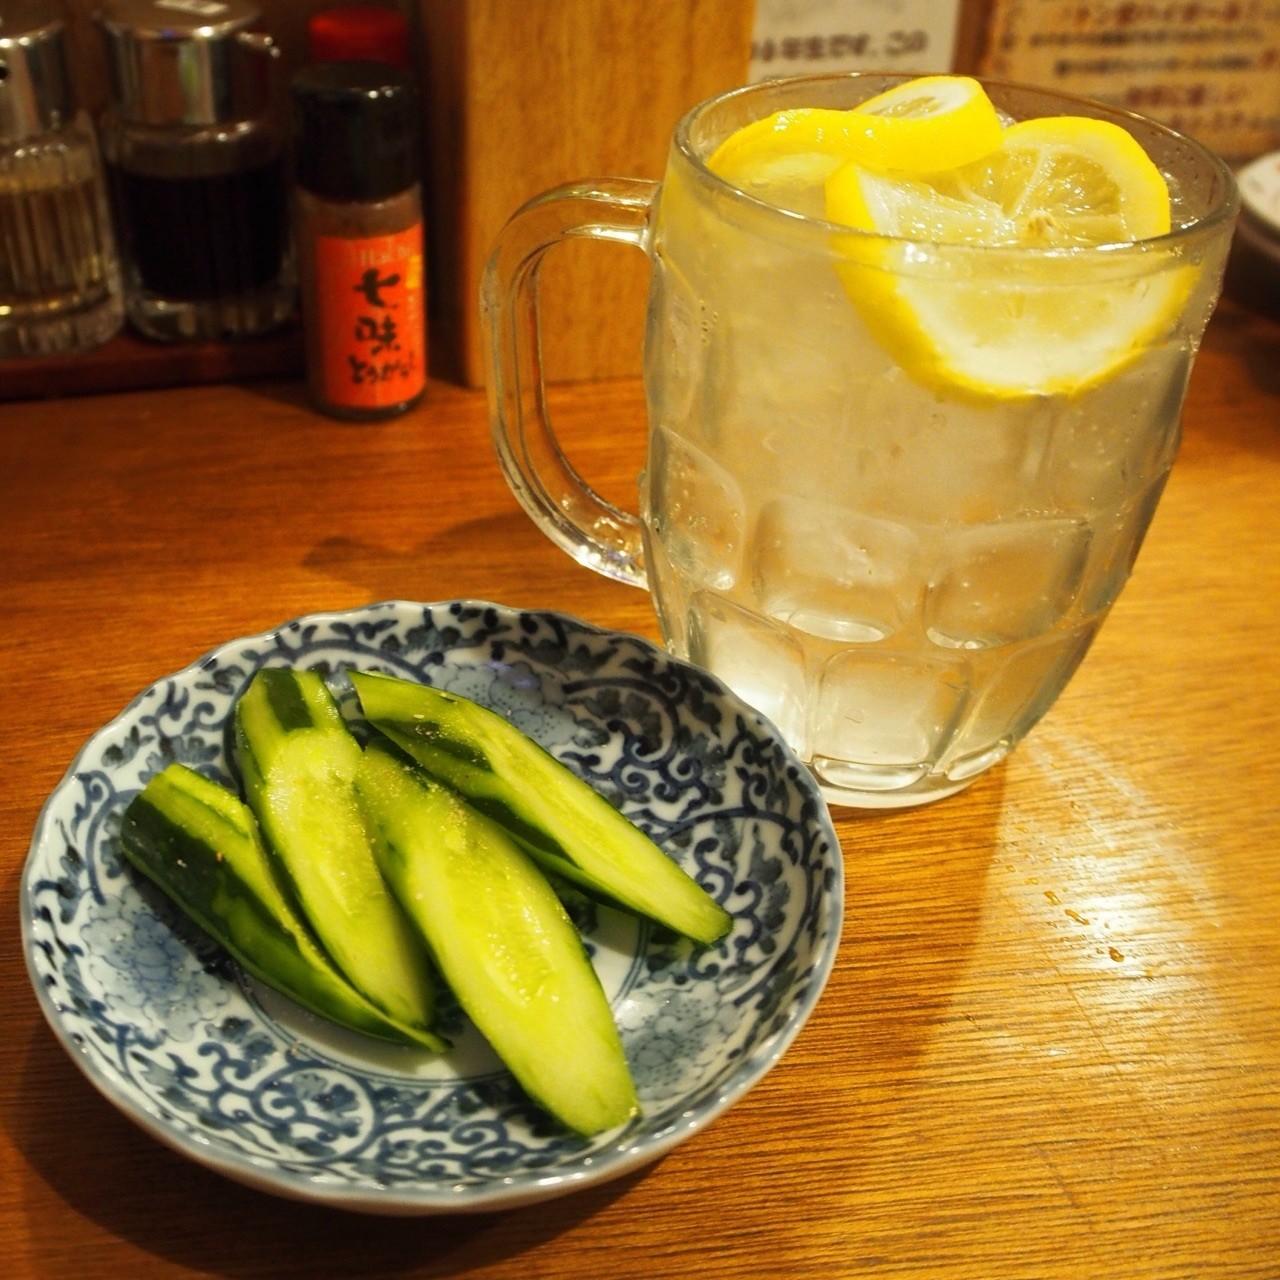 大杯檸檬沙瓦